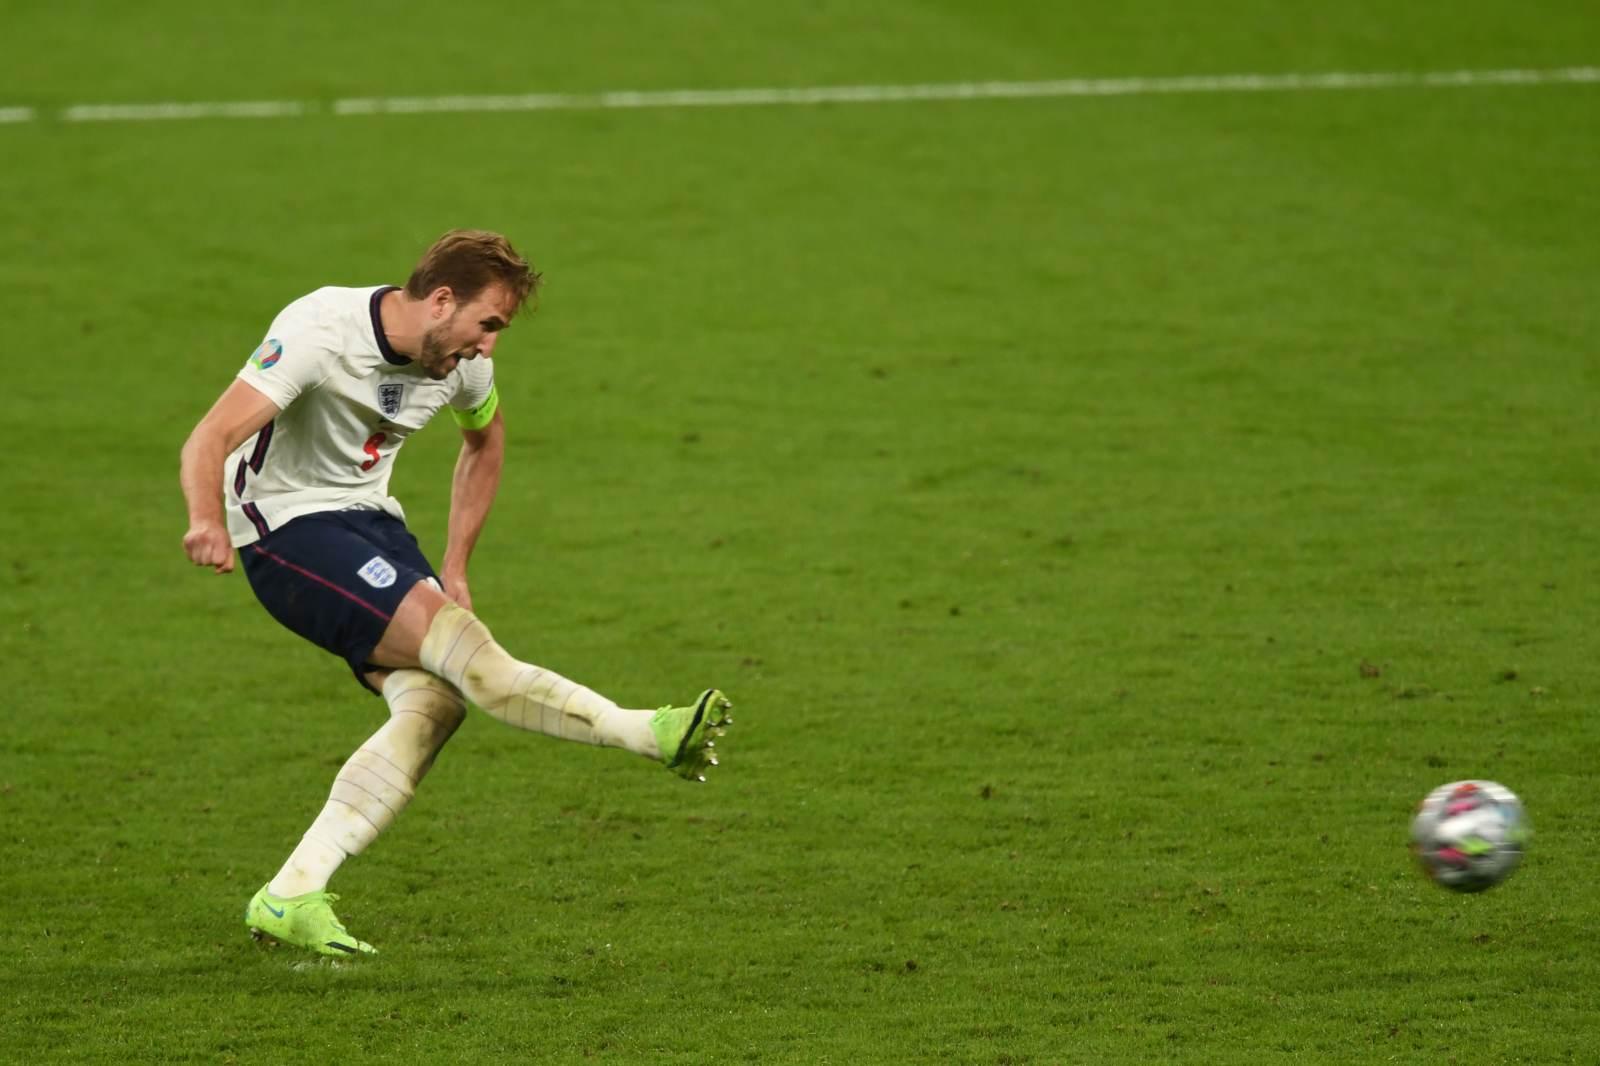 Кейн - первый футболист в истории Евро, не забивший пенальти в овертайме